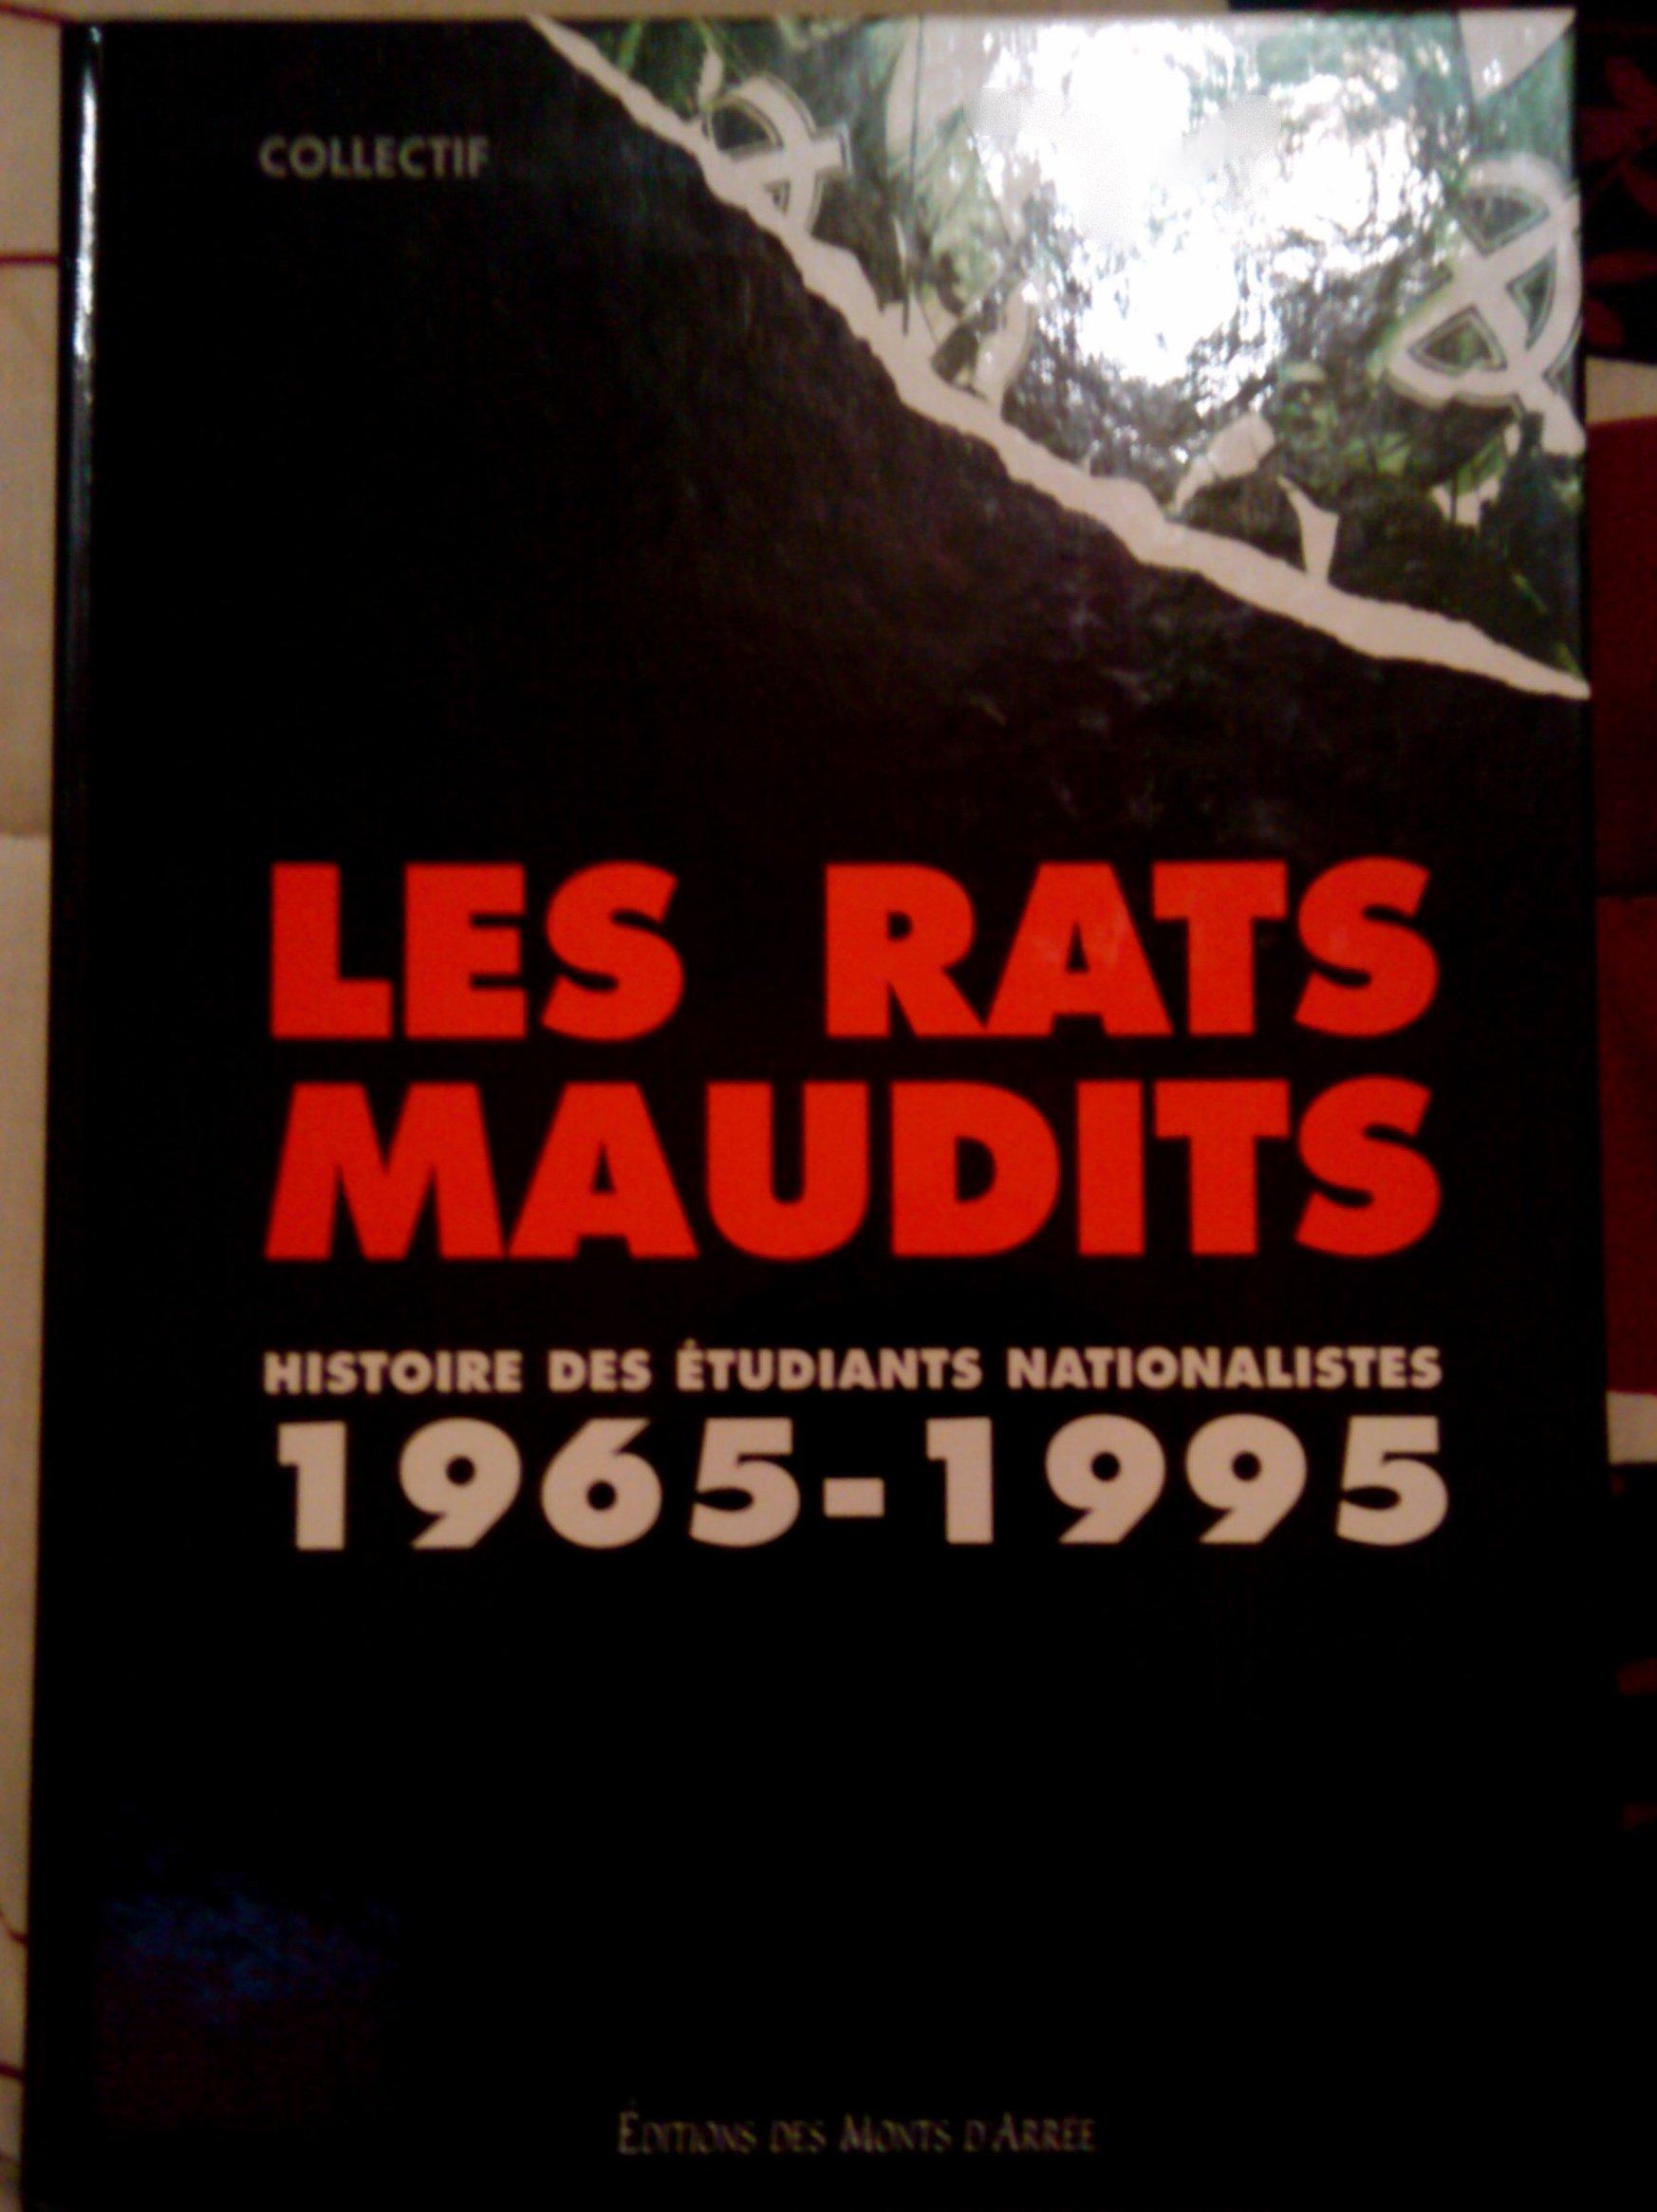 """Résultat de recherche d'images pour """"Les Rats maudits-Histoire des étudiants nationalistes de 1965 à 1995"""""""